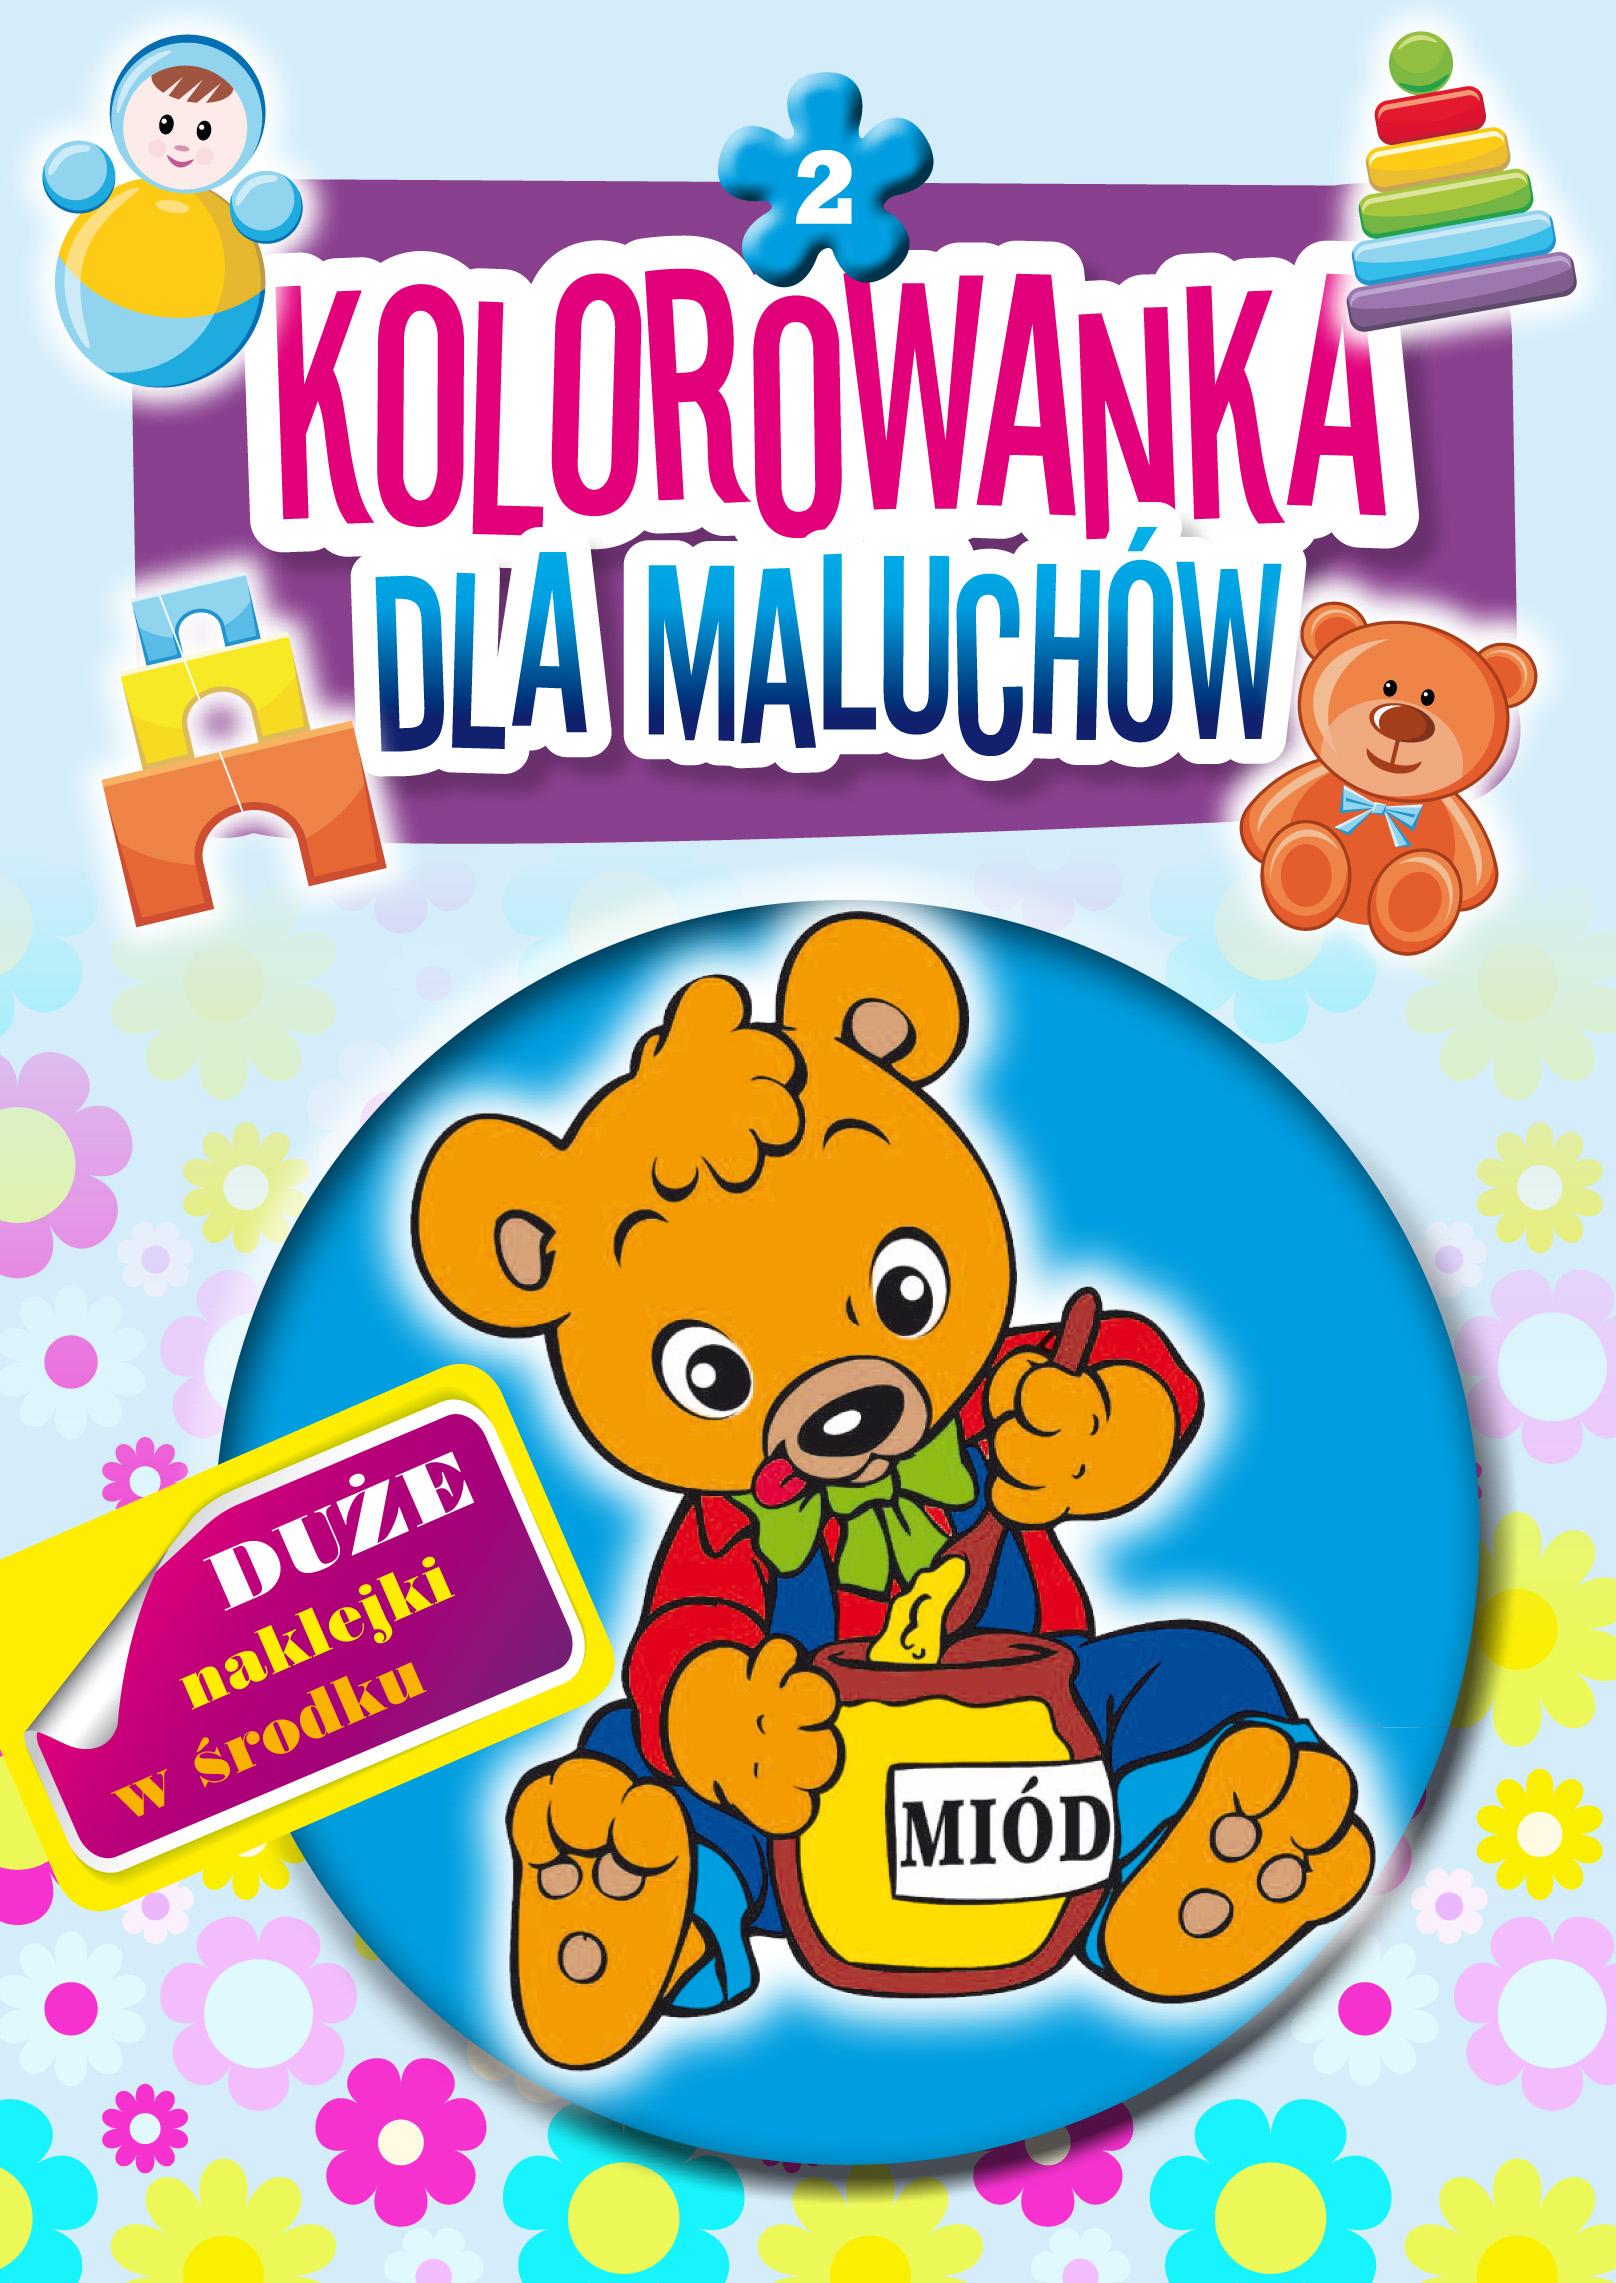 Kolorowanka dla maluchów